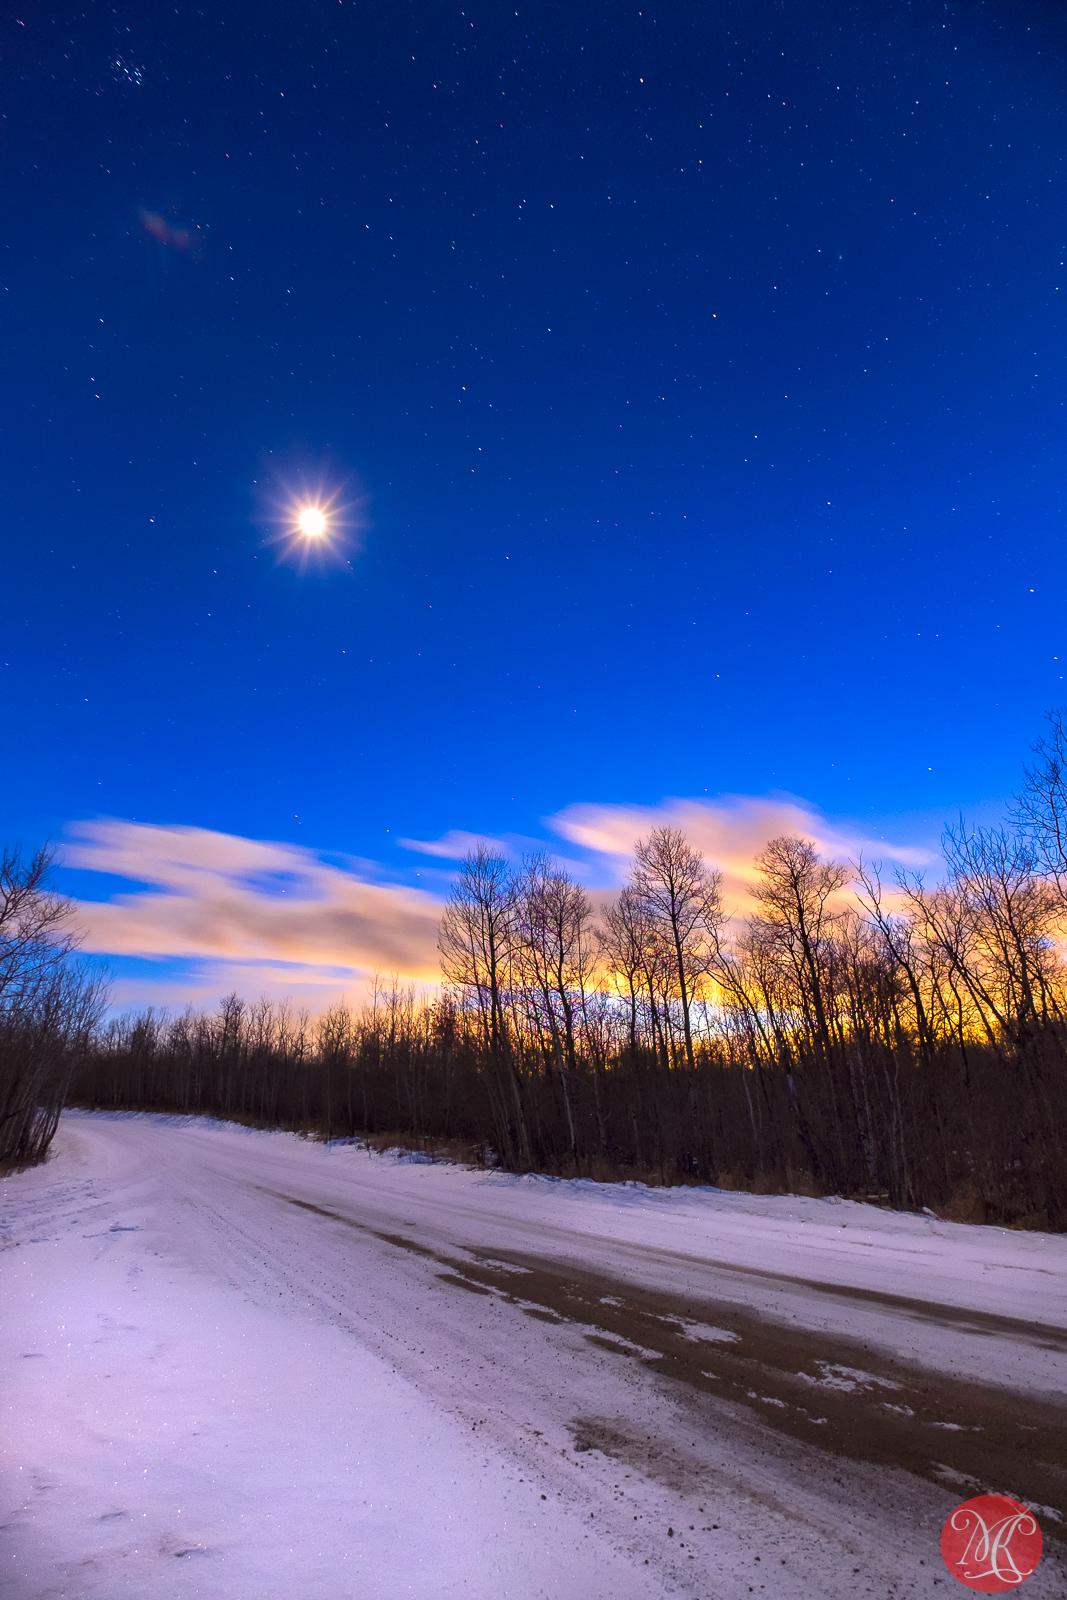 Adventures in the moonlight